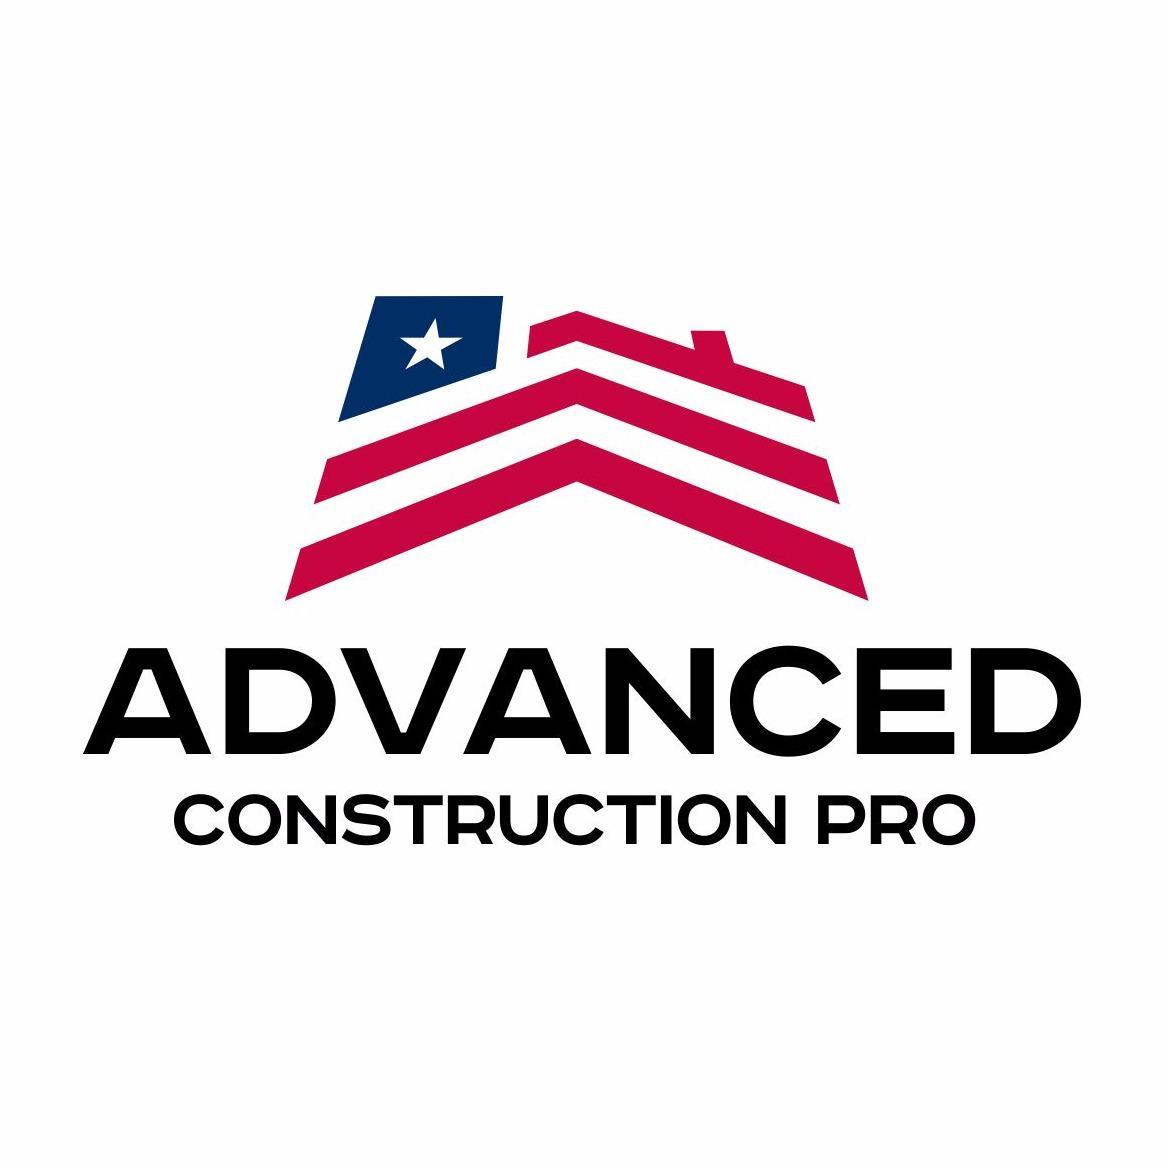 Advanced Construction Pro - Citrus Heights, CA 95610 - (916)282-1639 | ShowMeLocal.com